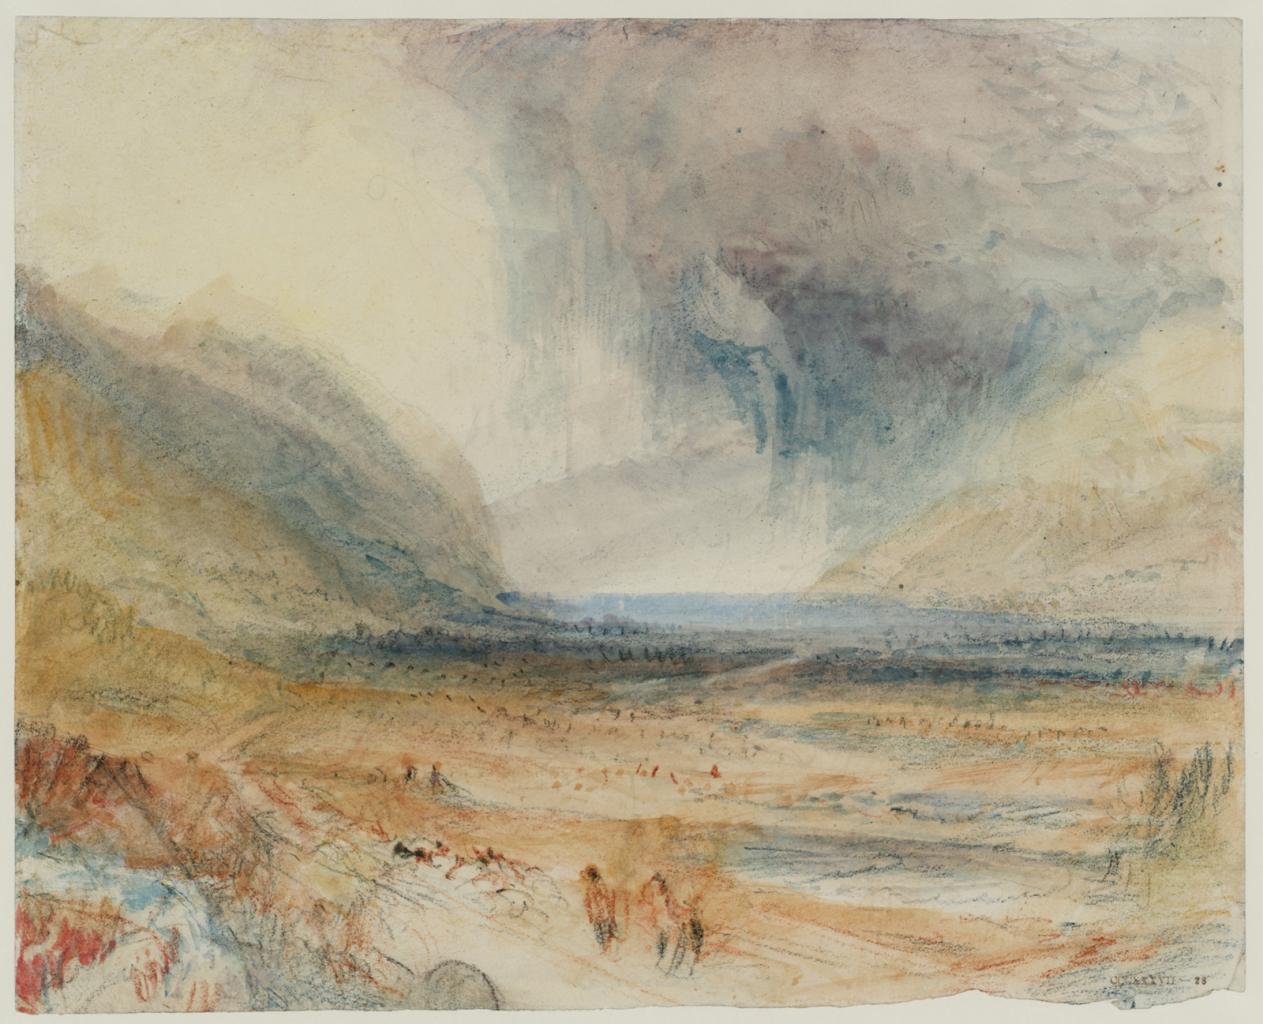 约瑟夫.马洛.威廉.泰纳《狂风来袭近马加迪诺的马焦雷湖》的图片